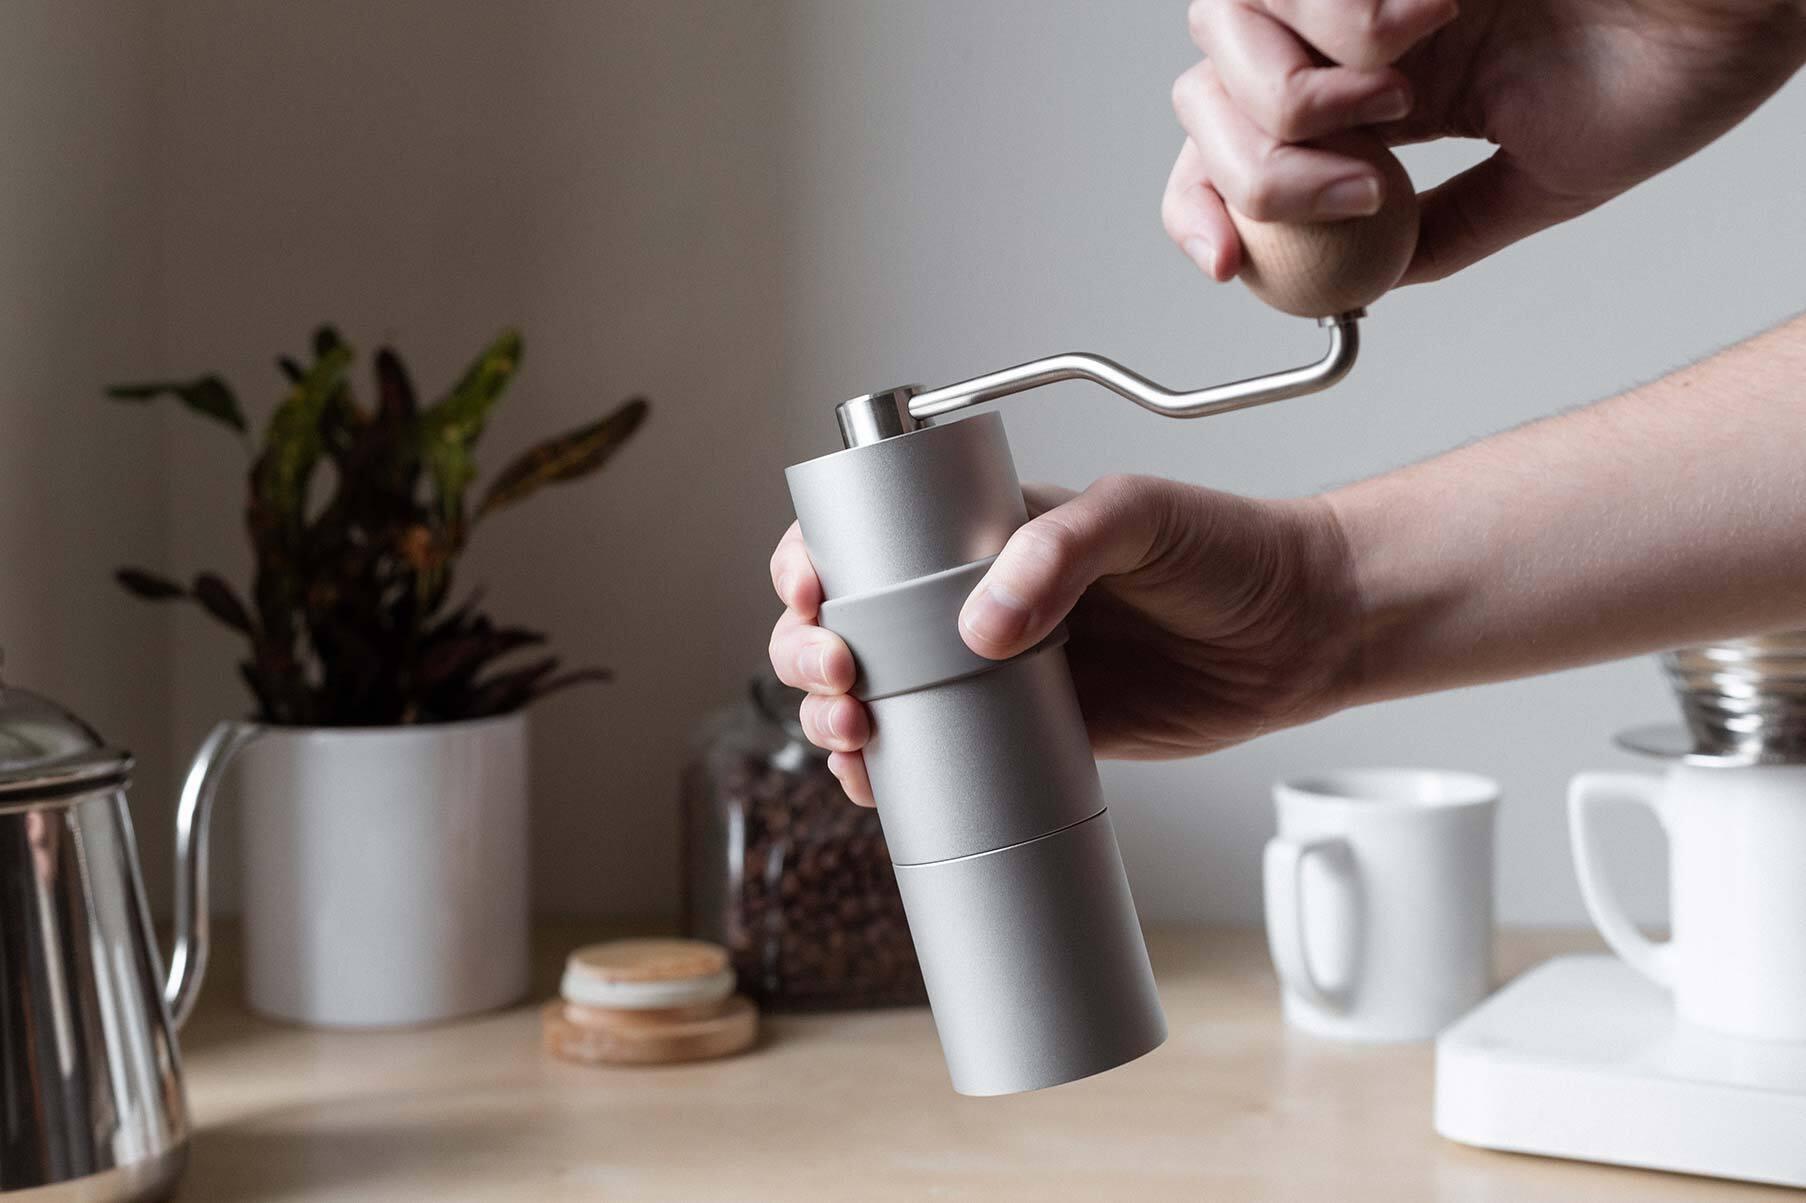 remi hand grinder